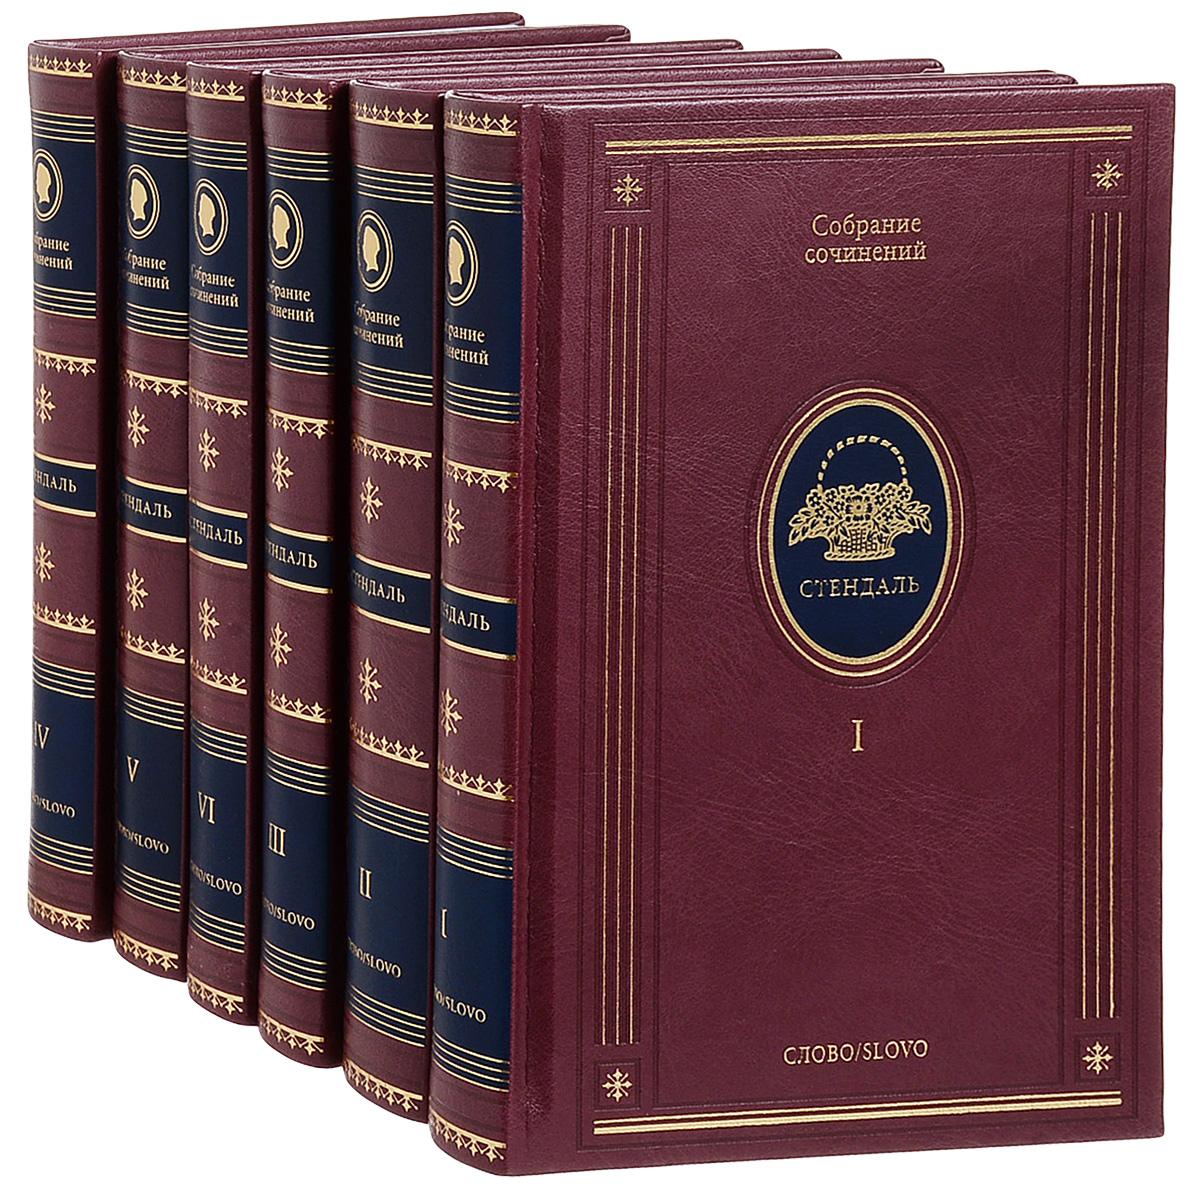 Стендаль. Собрание сочинений в 6 томах (подарочный комплект), Стендаль